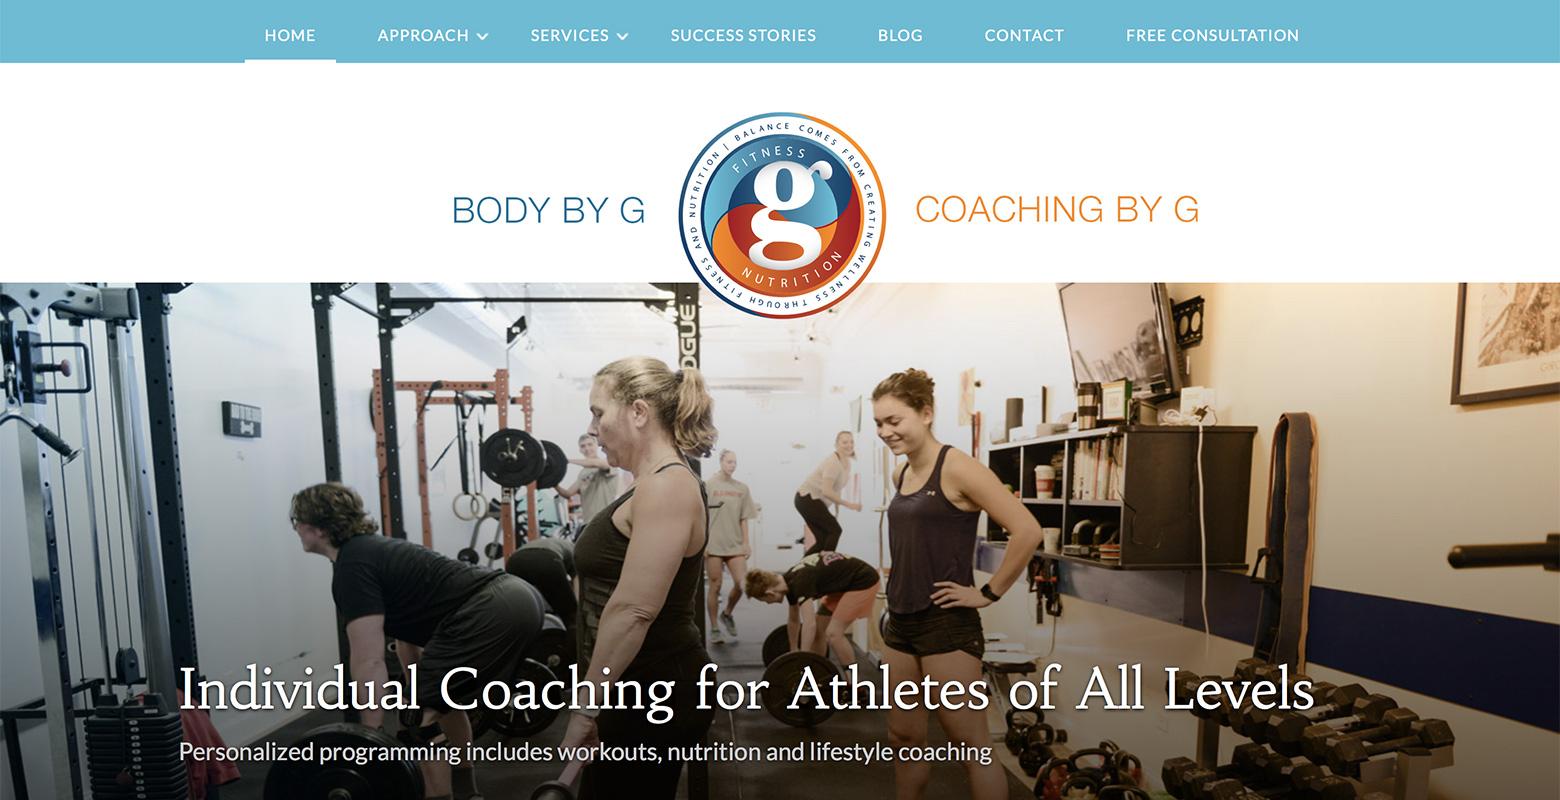 Coaching by G